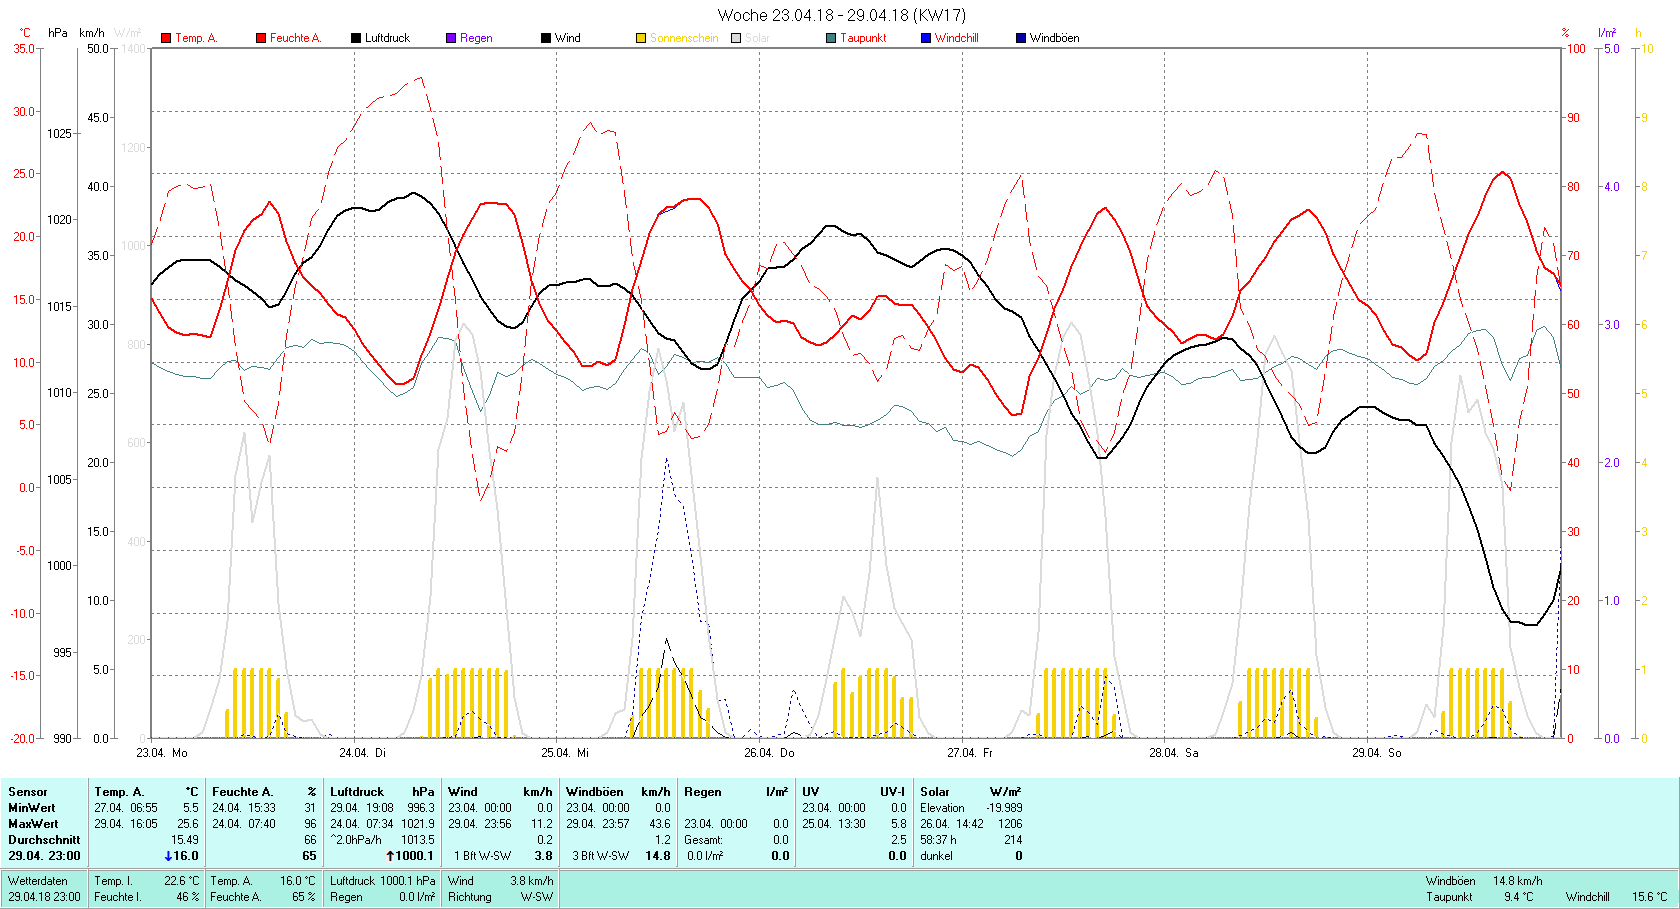 KW 17 Tmin 5.5°C, Tmax 25.6°C, Sonne 58:37 h Niederschlag 0 mm2